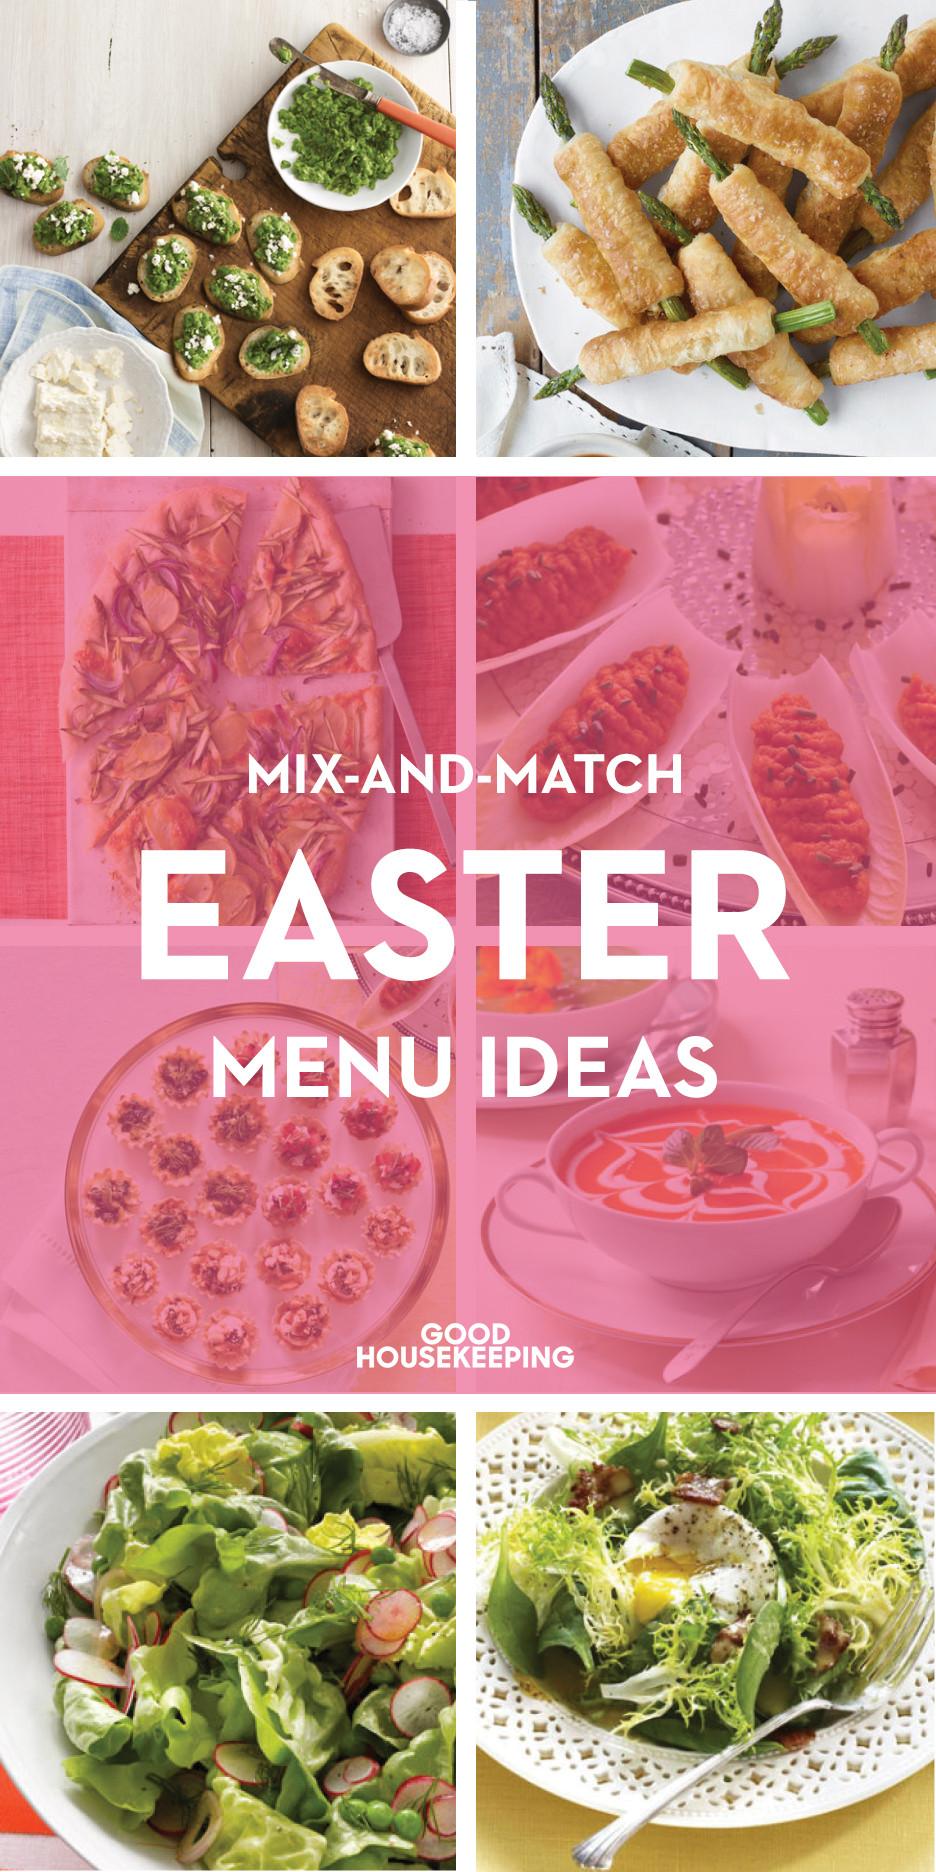 Easter Dinner Menu Ideas  65 Easter Dinner Menu Ideas Easy Recipes for Easter Dinner